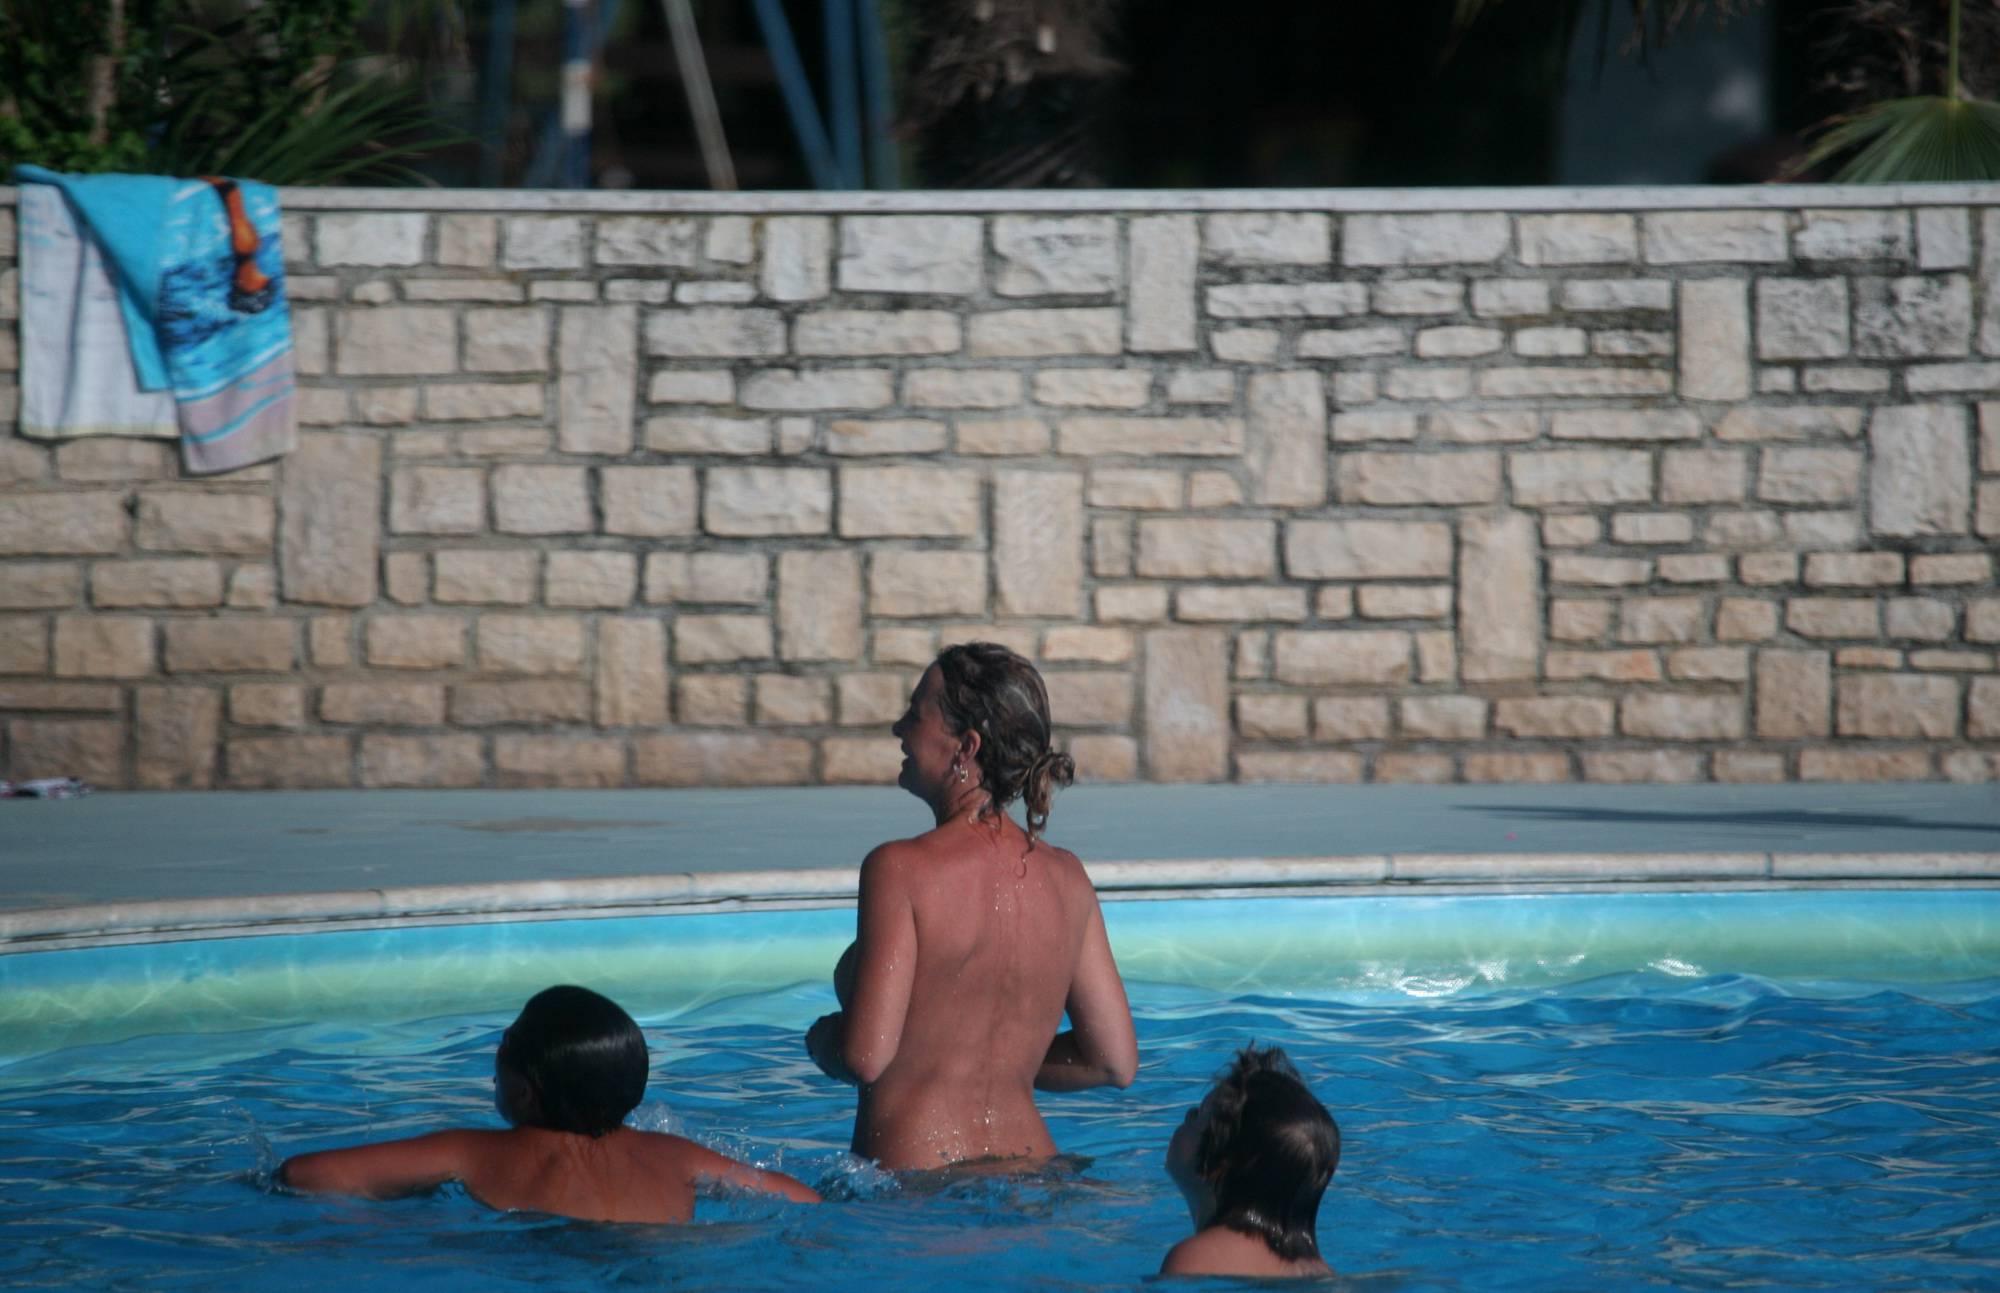 Inner Pool Nudist Activity - 2